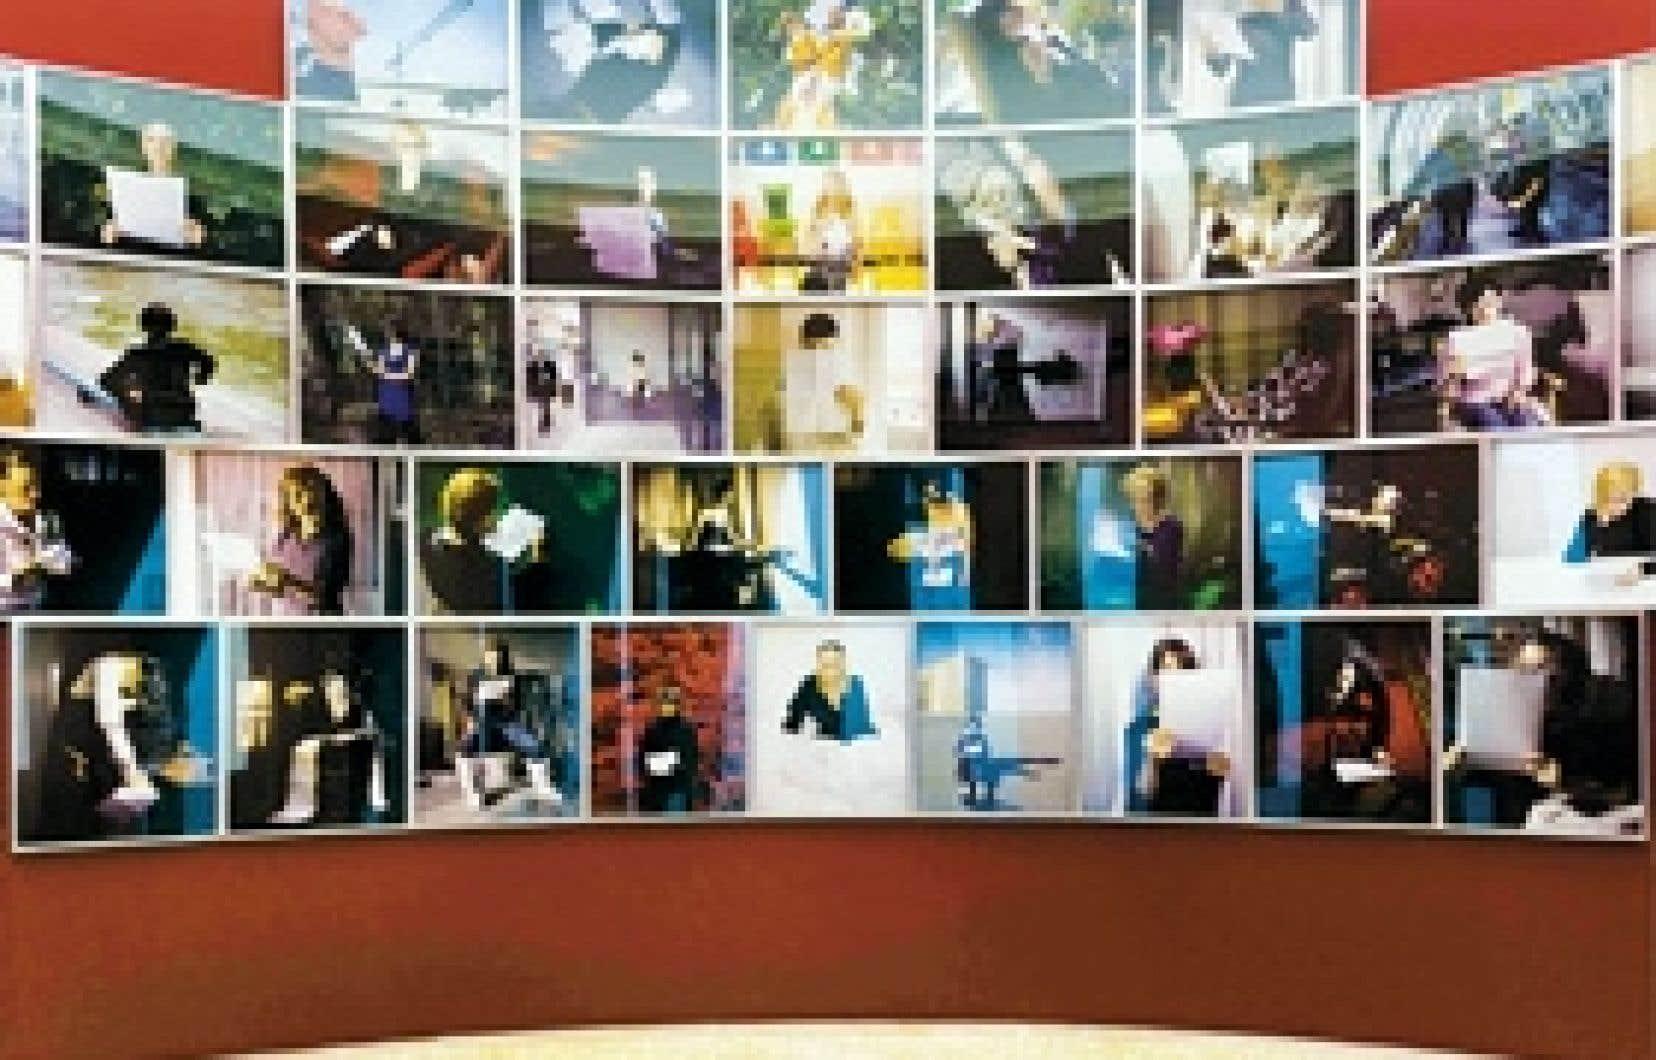 Vues de l'installation de Prenez soin de vous à la Biennale de Venise (pavillon français).